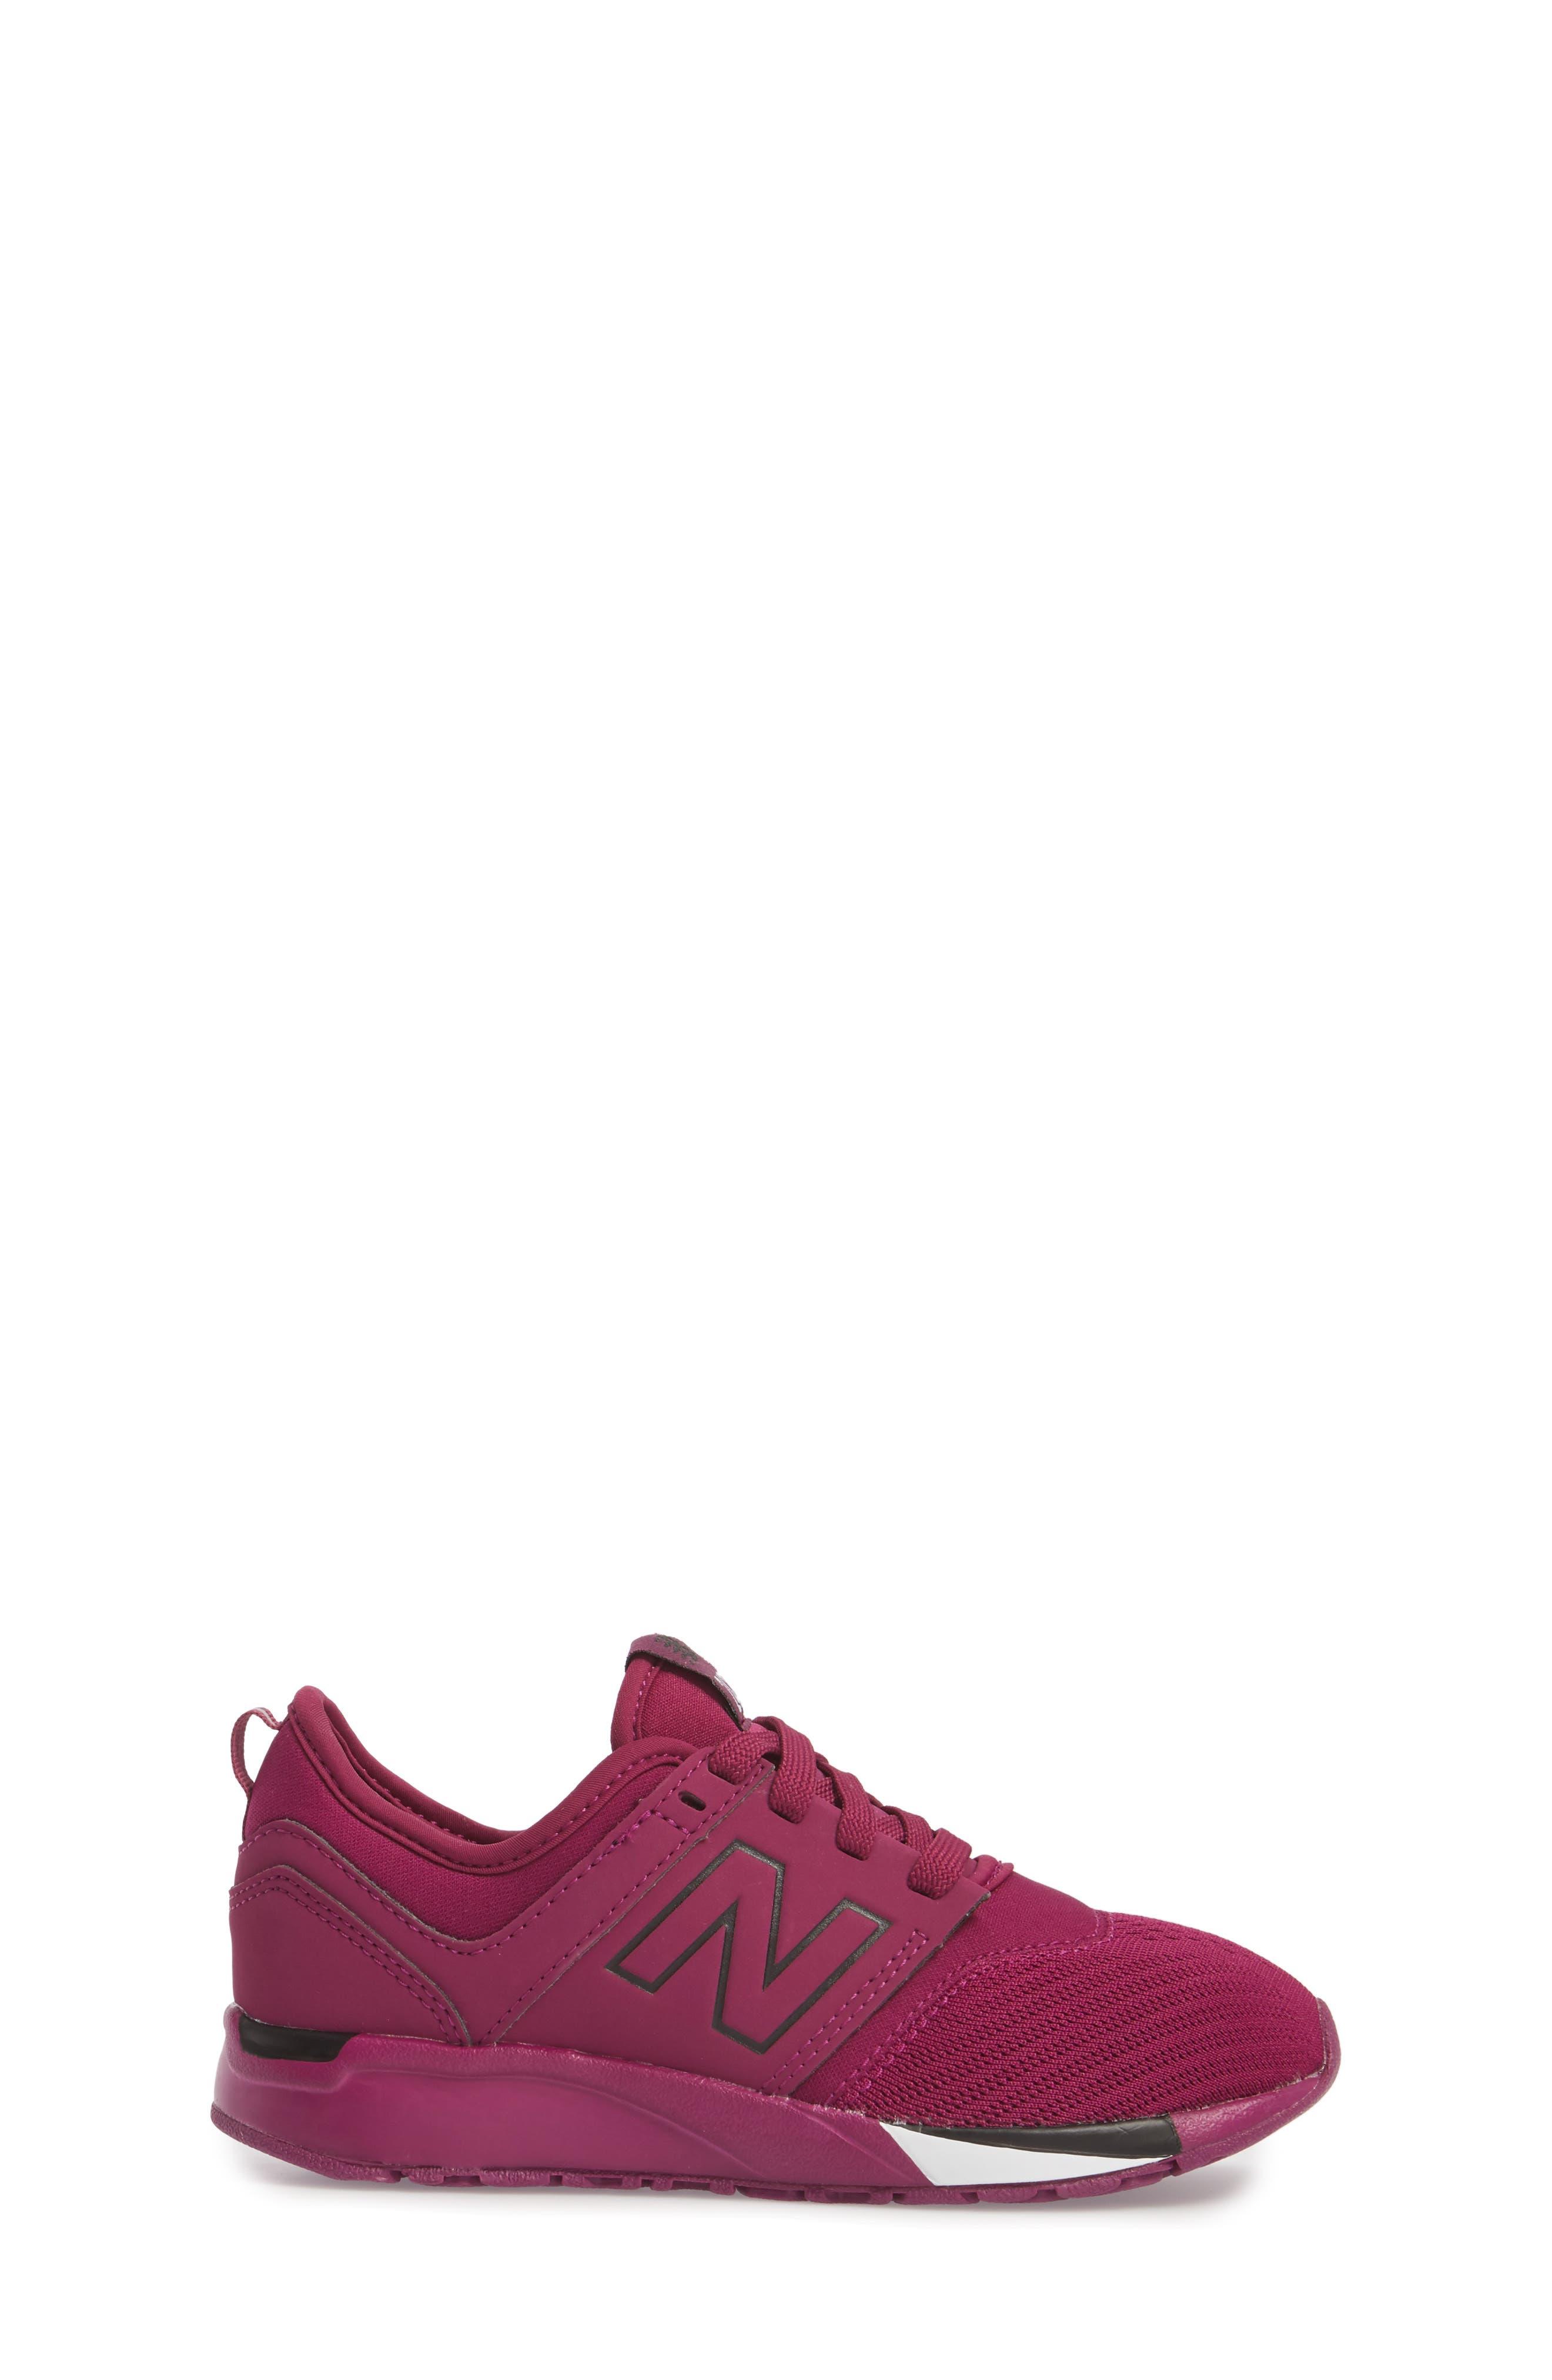 247 Sport Sneaker,                             Alternate thumbnail 3, color,                             Red/ Black